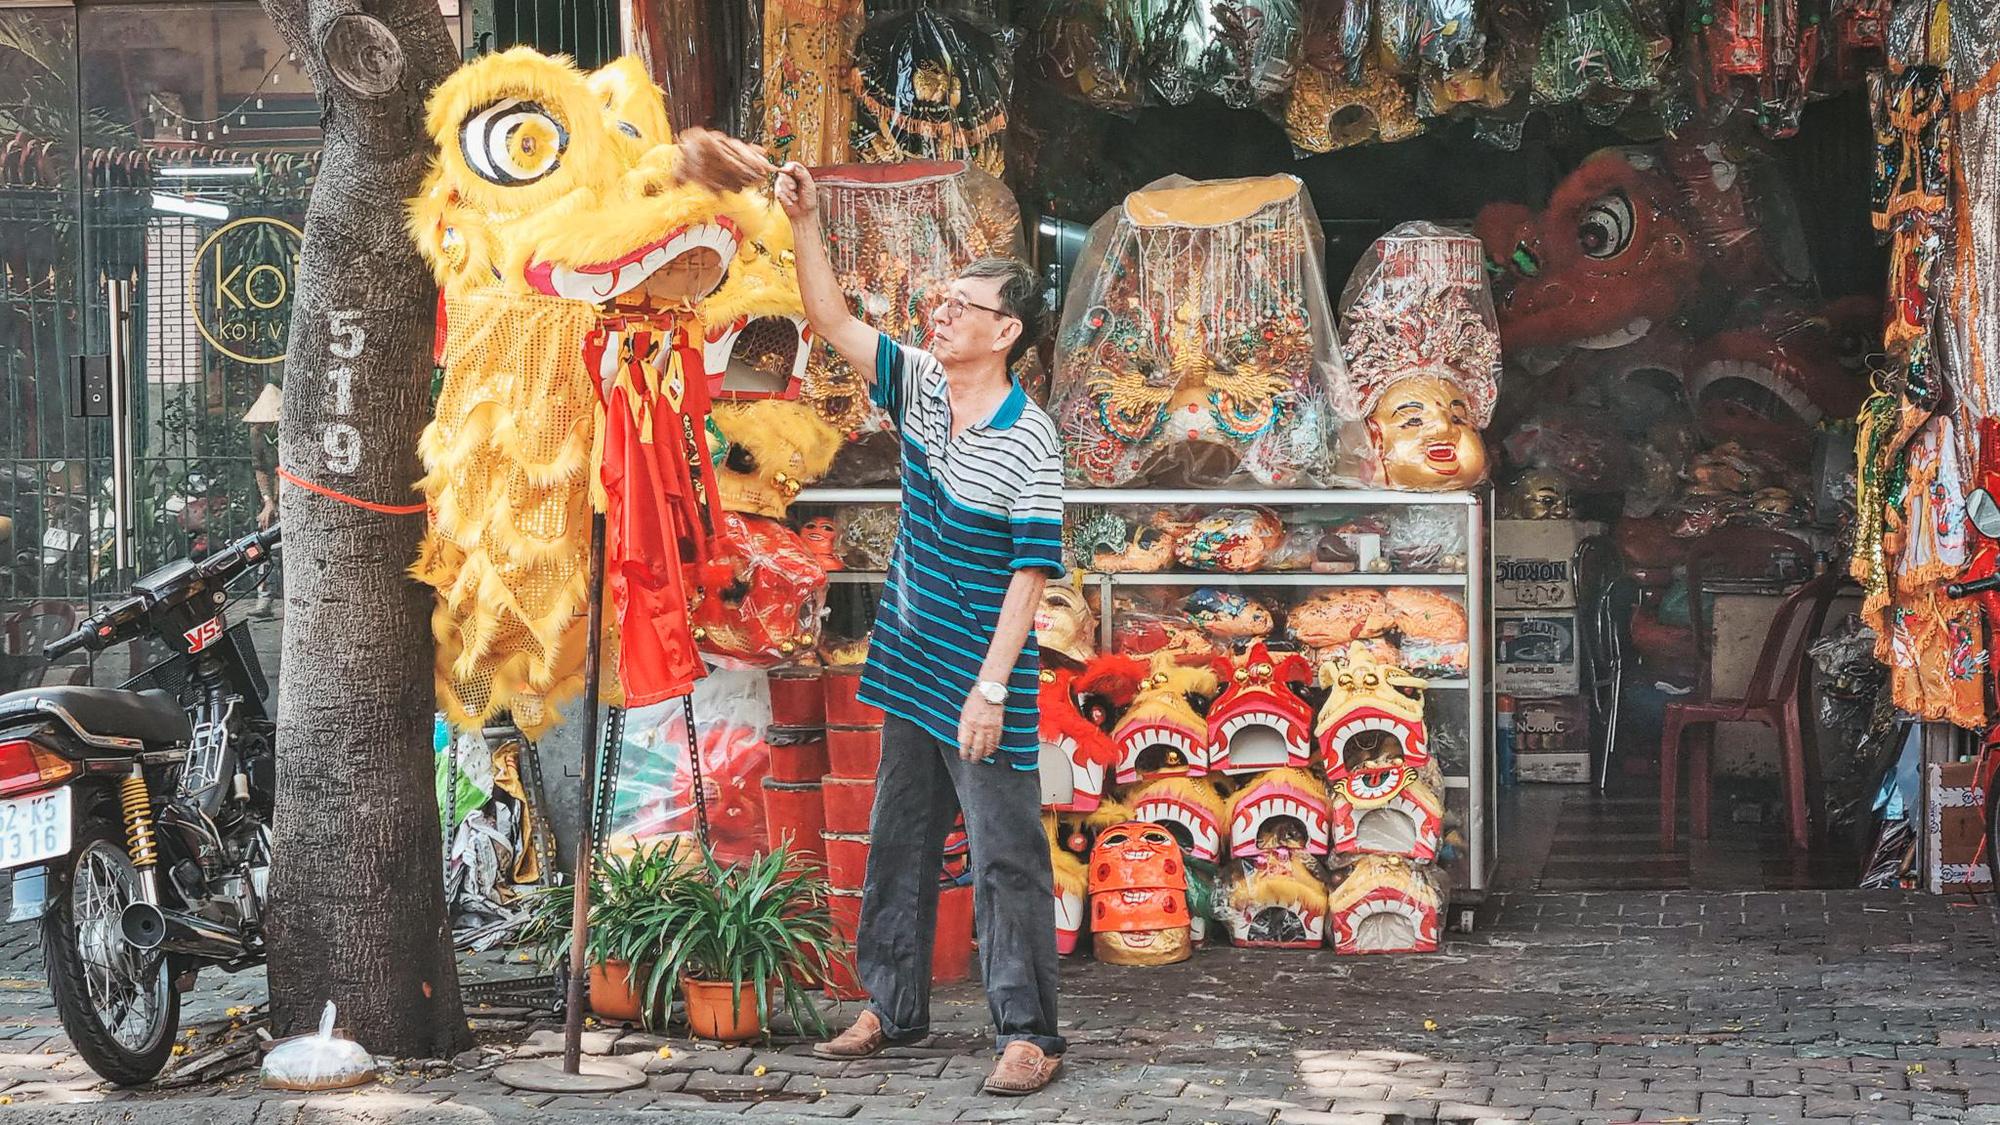 Người Sài Gòn và những câu chuyện ngày cuối năm: Gác lại âu lo, Tết phải vui cái đã - Ảnh 2.